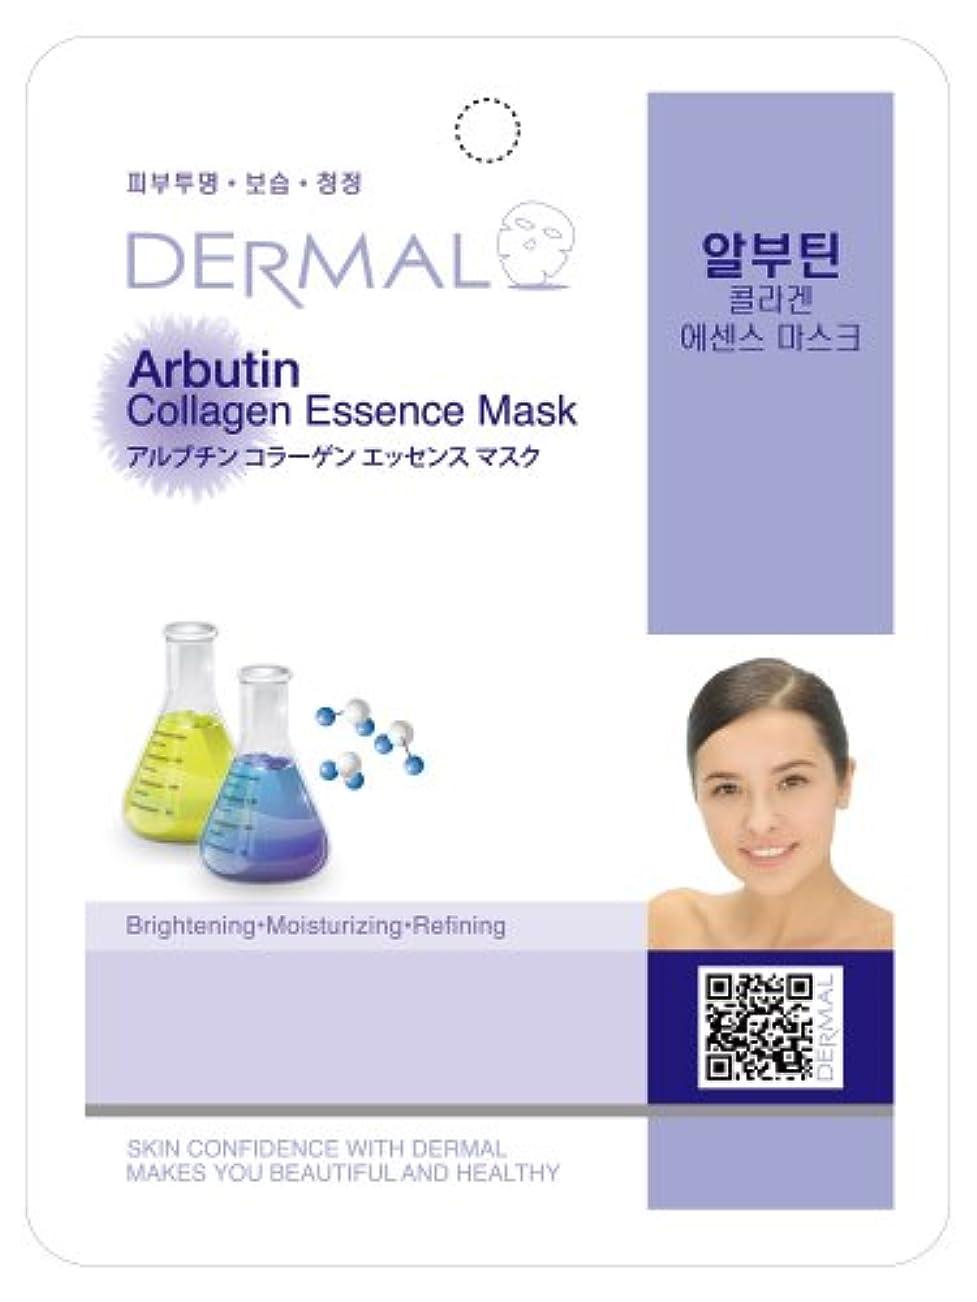 豆腐資本ぼかすシートマスク アルブチンエッセンスマスク 10枚セット ダーマル(Dermal) フェイス パック